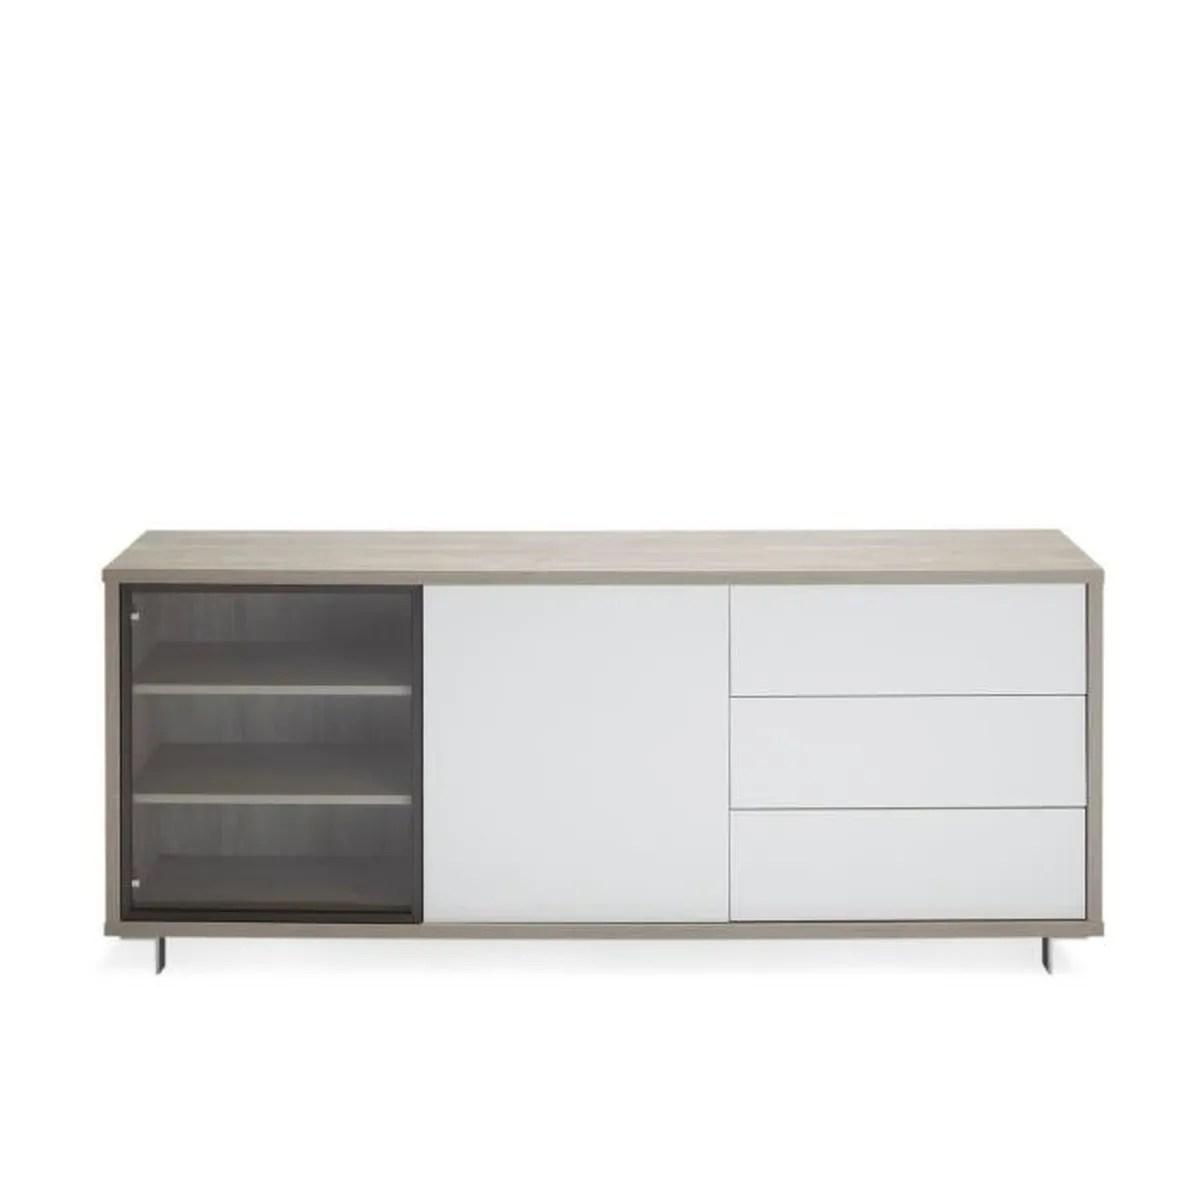 Enzo Buffet Bas Coloris Chene Structure Blanc Laque Blanc Cdiscount Maison